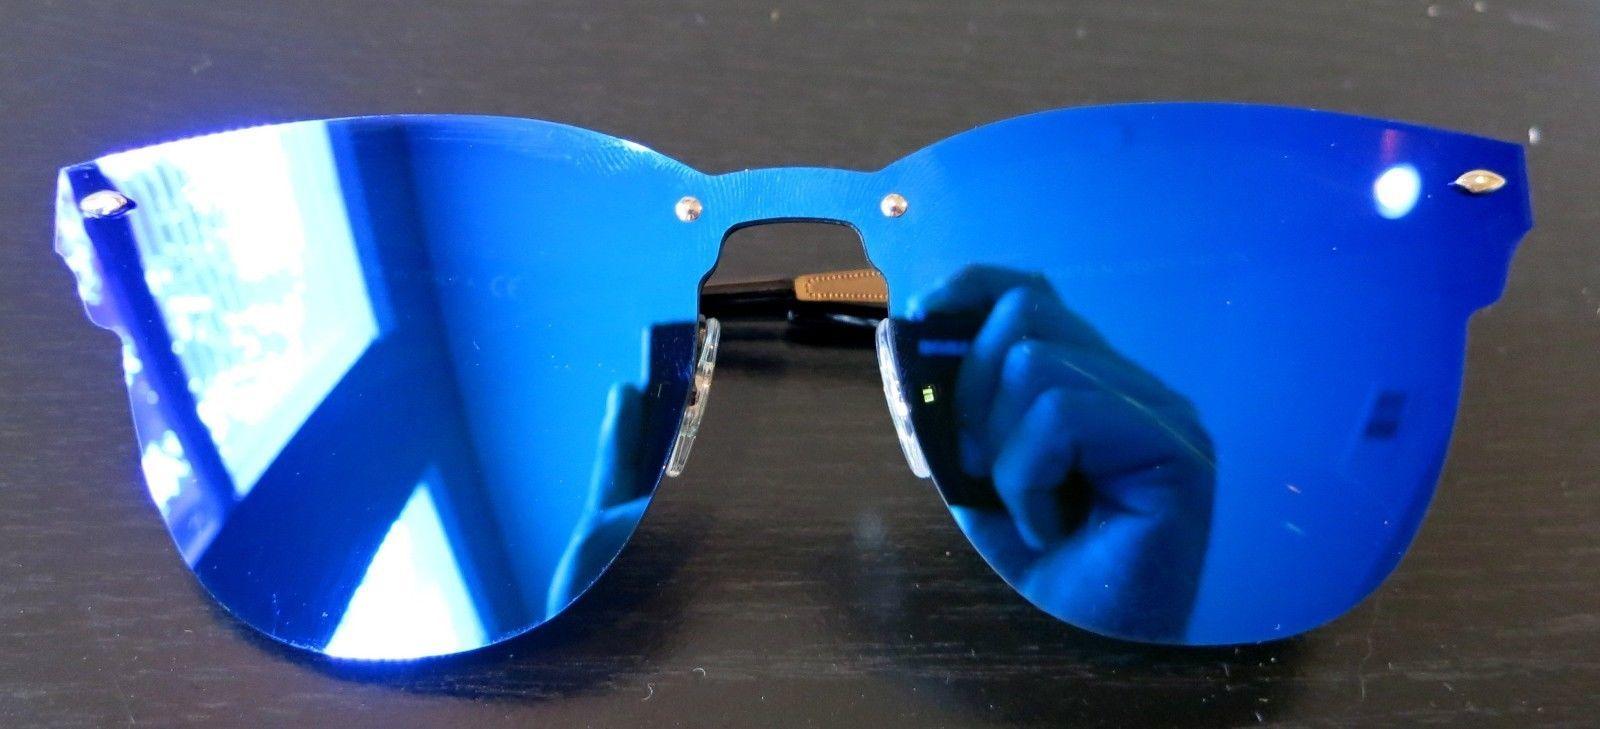 8344174af7 Rayban Blaze Clubmaster Sunglasses RB3576N 153 7V 47 Violet Blue Mirror club